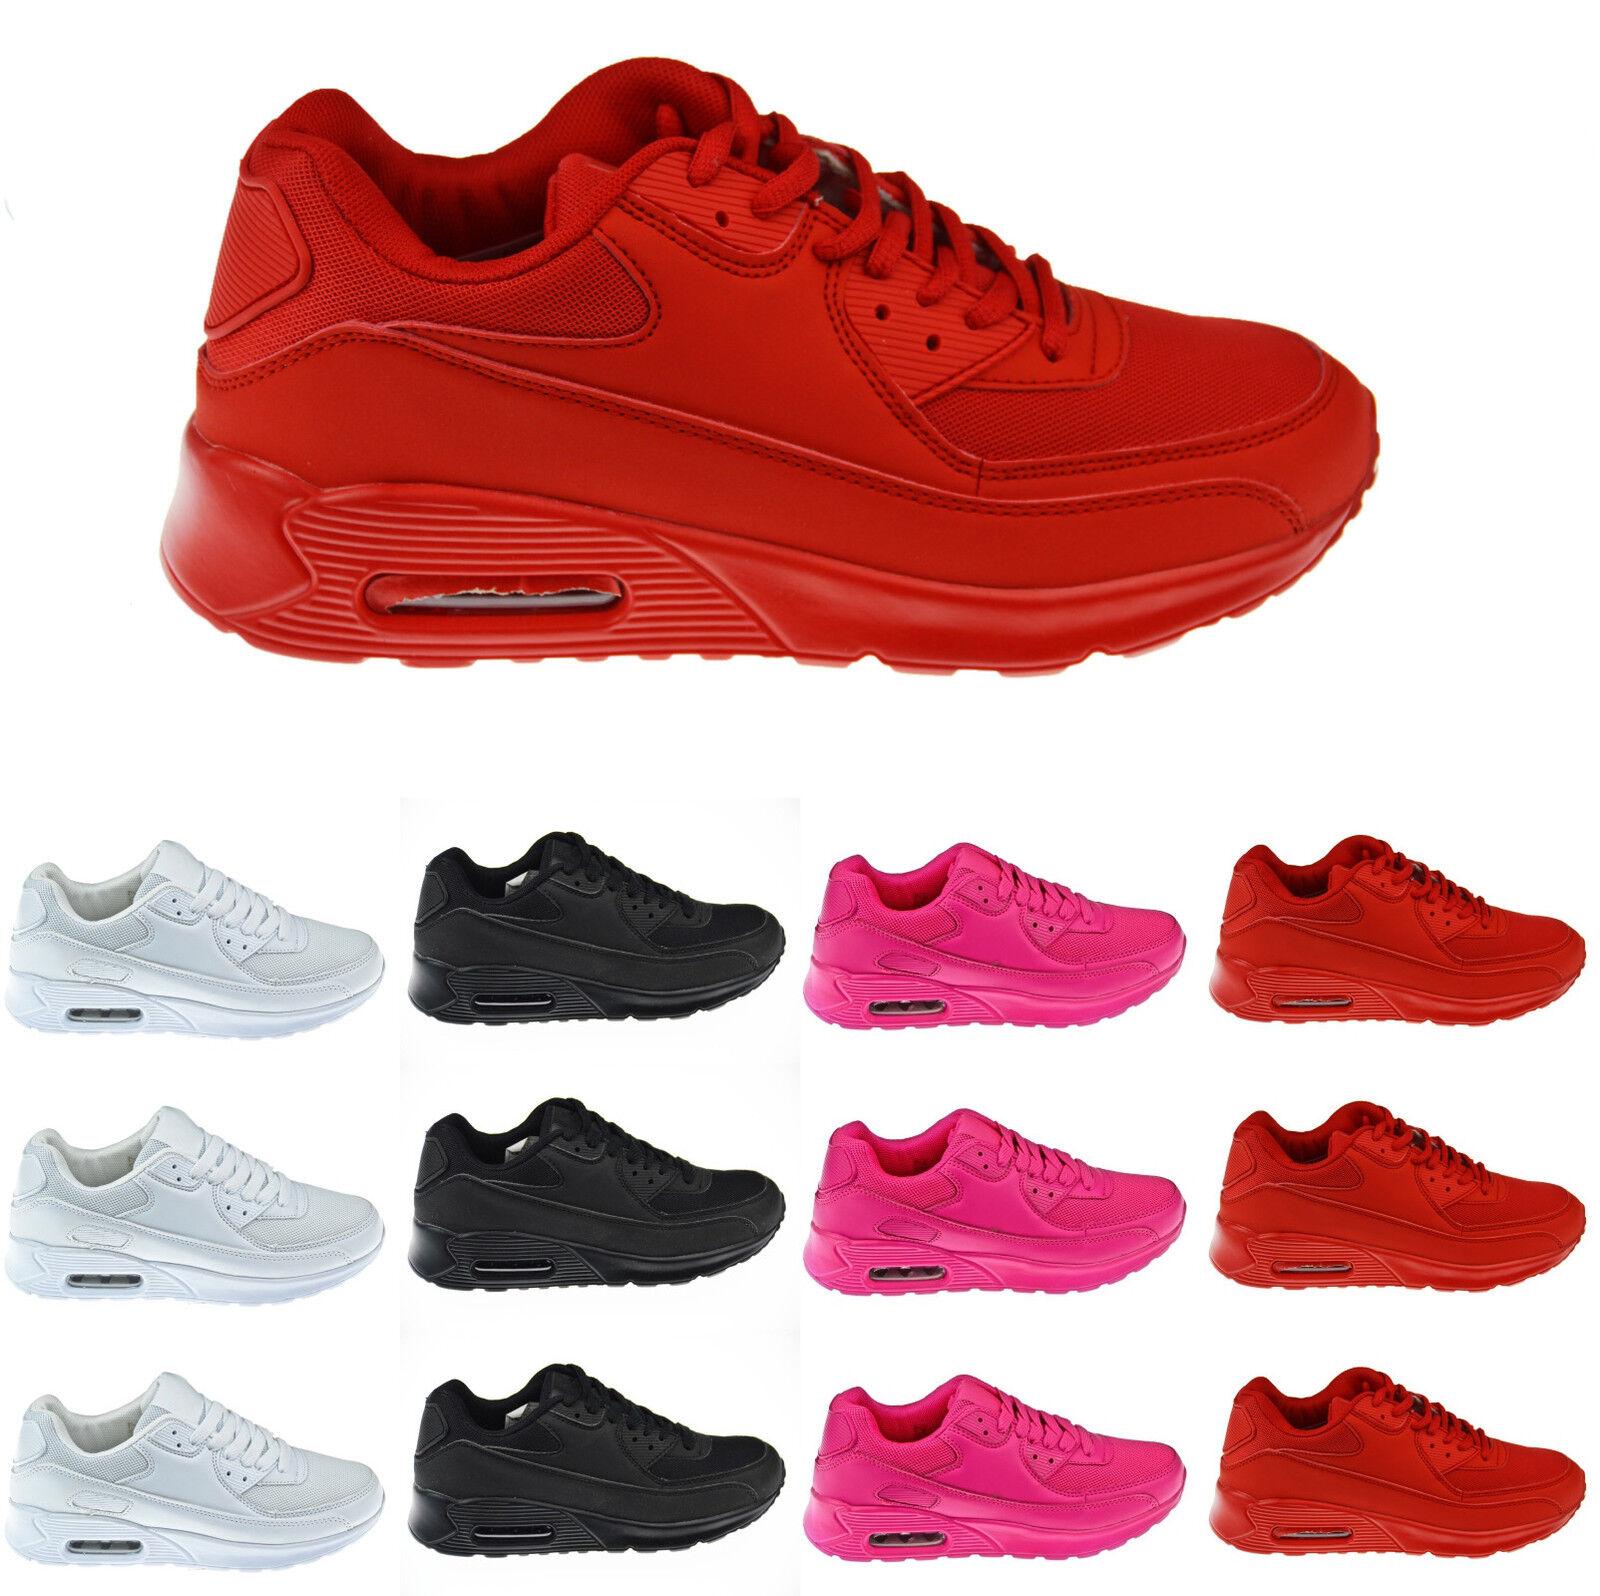 Neu Damen Herren Sneaker Sport Zapatos  Neon Zapatos Turn Freizeit 2088  Zapatos Neon  Gr. 36-46 b7130d